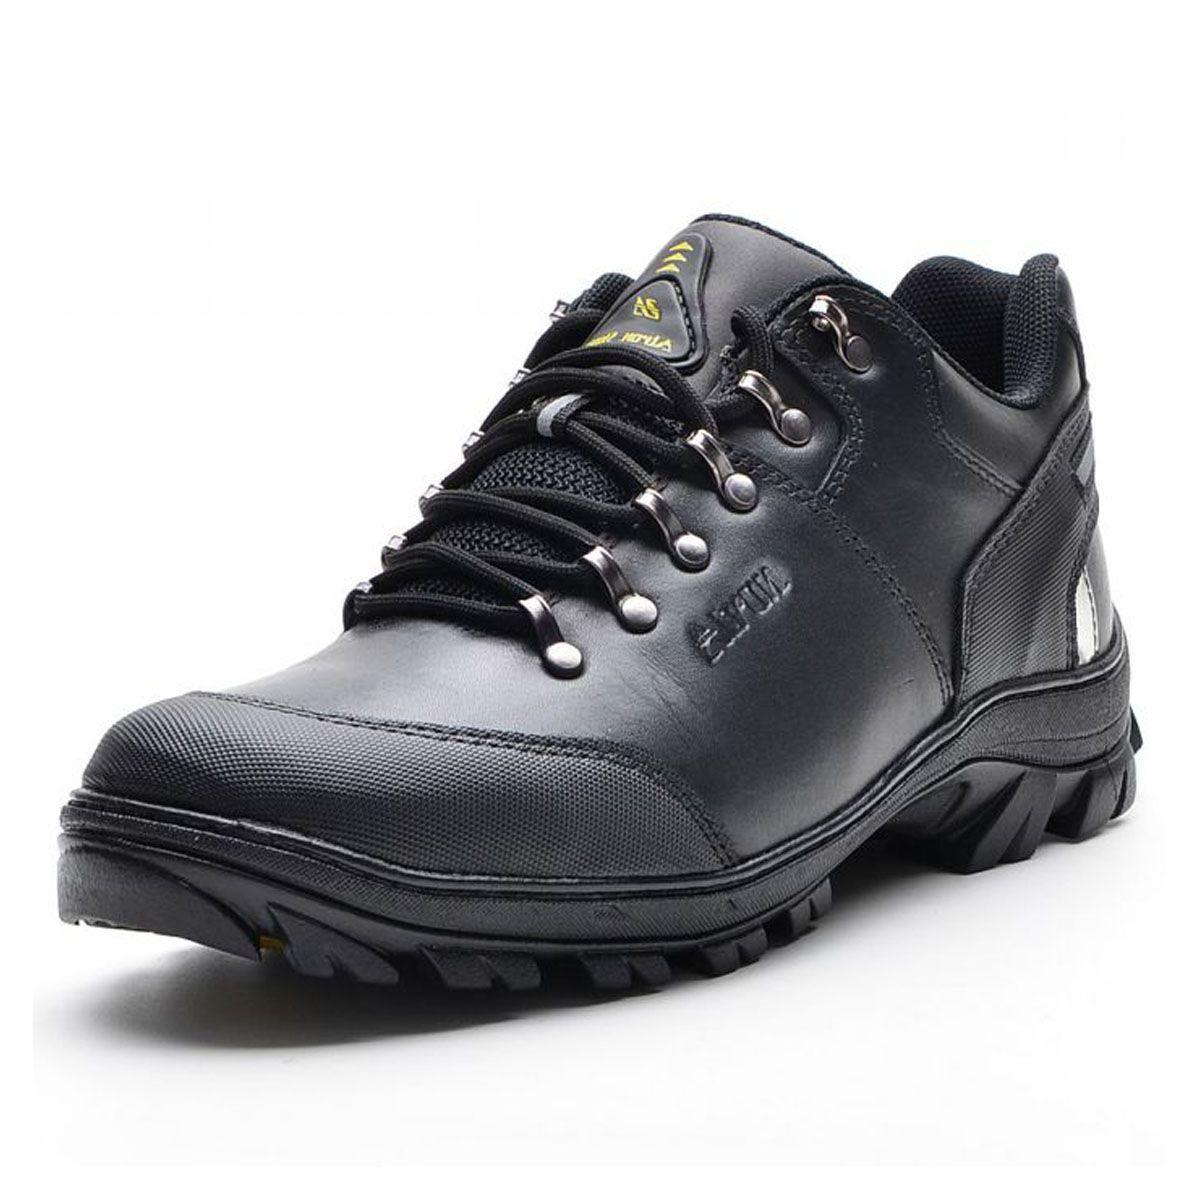 66d24628be3 Tênis adventure em couro legítimo cor preto Atron Shoes 269